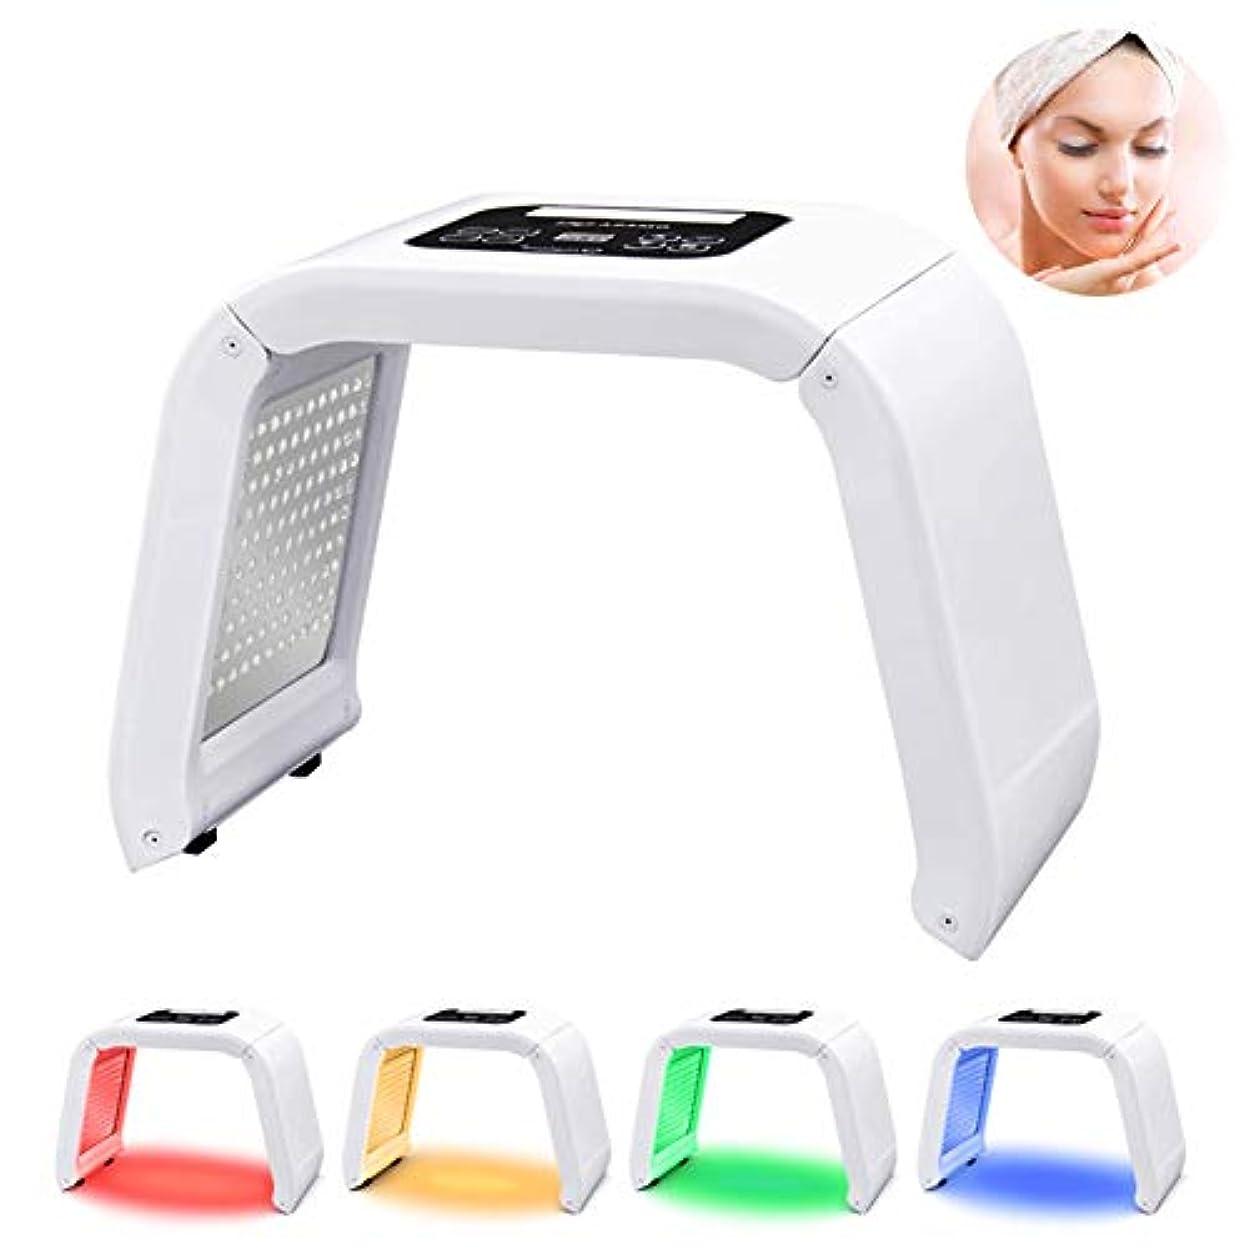 枯渇分確認してくださいPDT 4-In-1 LEDライト光線療法電気スキンケア美容装置家庭用多機能体の美容スキンケア分光器のマシン女性のための完璧なギフト